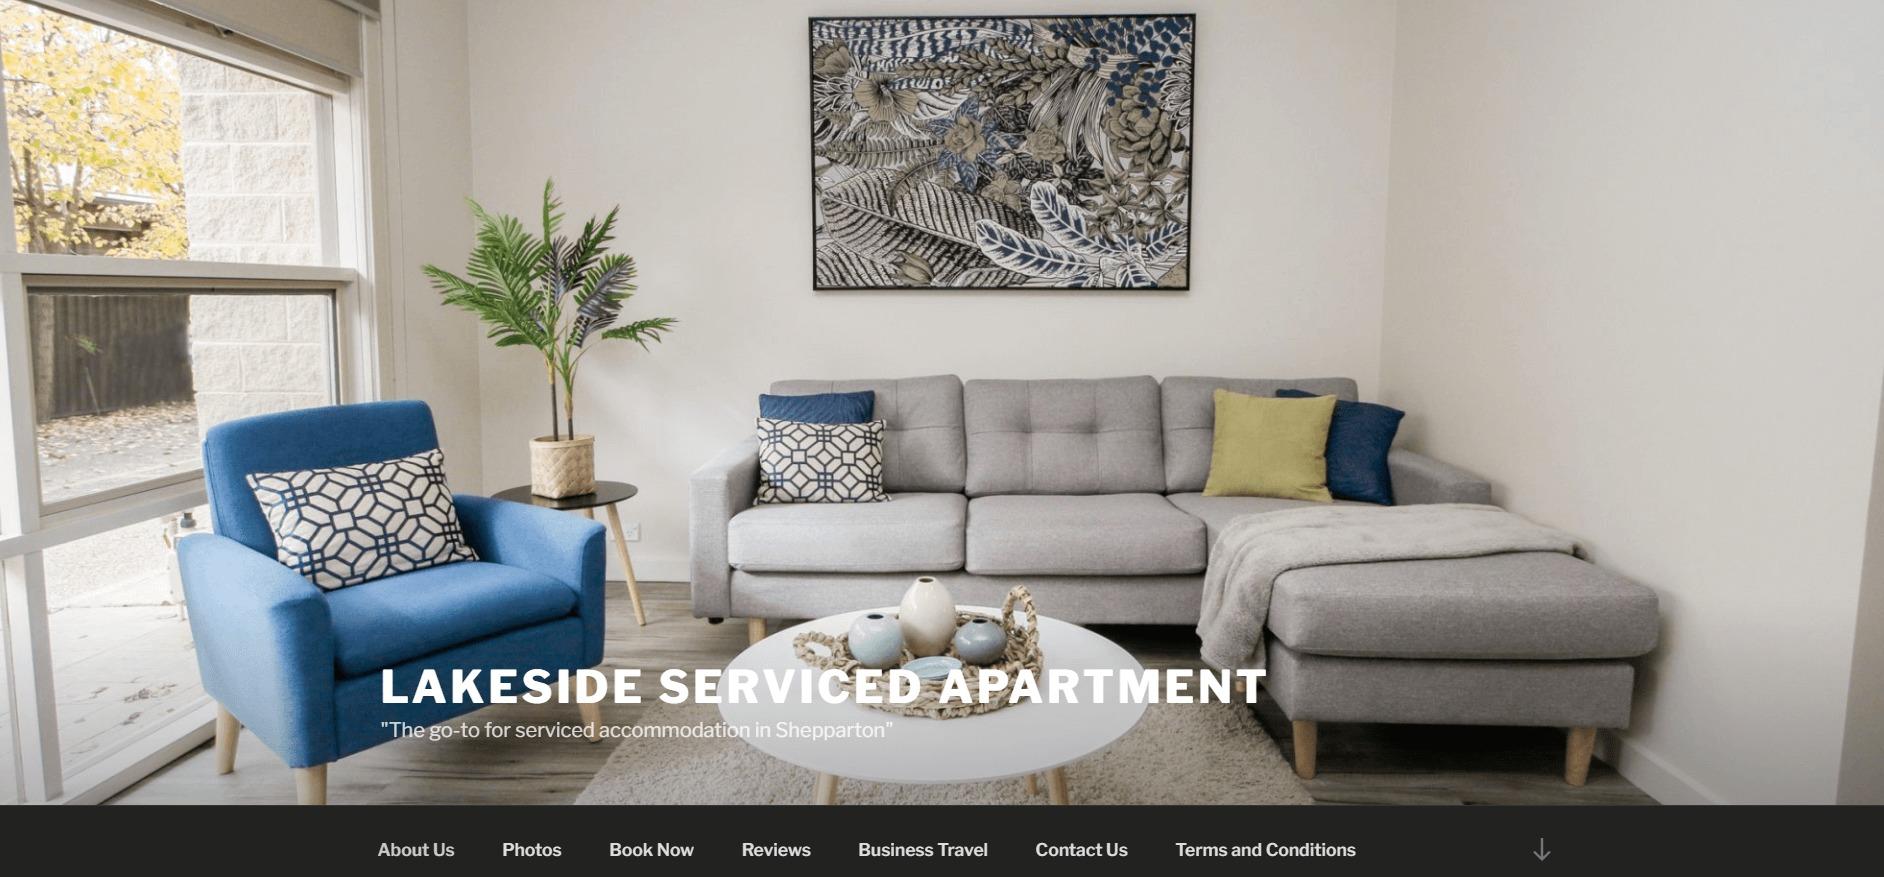 Shepparton Lakeside Serviced Apartment